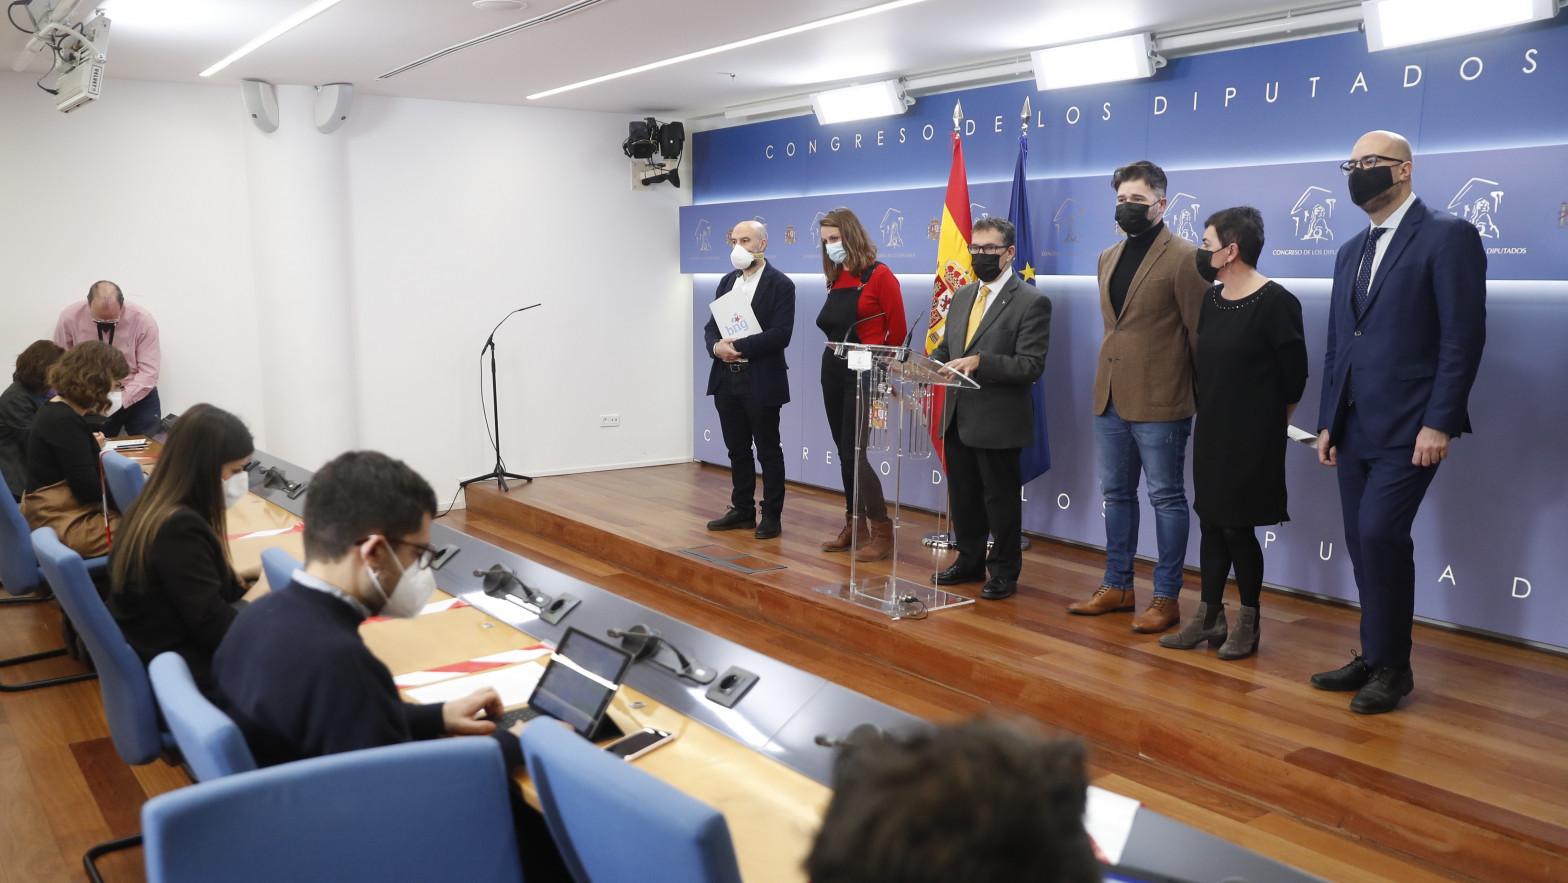 Los portavoces independentistas se niegan a repetir en castellano parte de su discurso